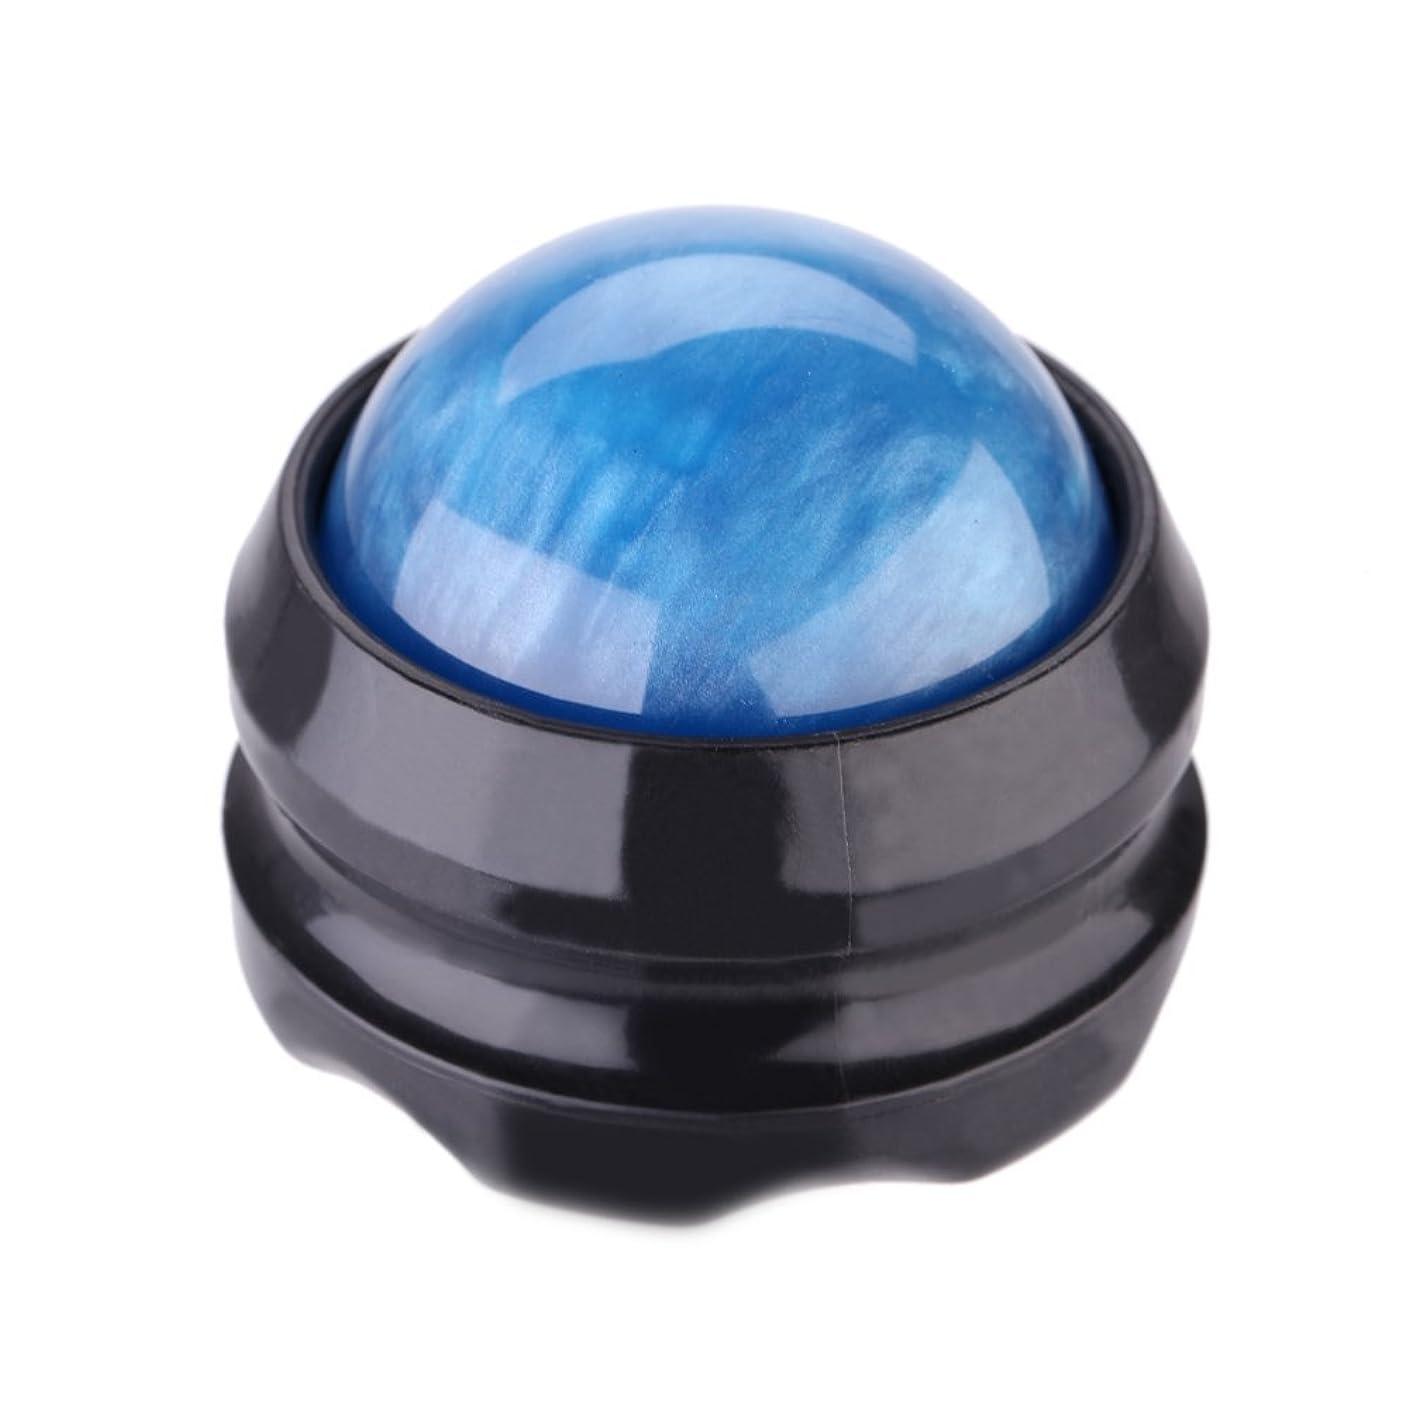 合体コンサルタントエピソードgundoop マッサージ ボール 360度回転 背中 首 腰 筋膜リリース 健康器具 (青)